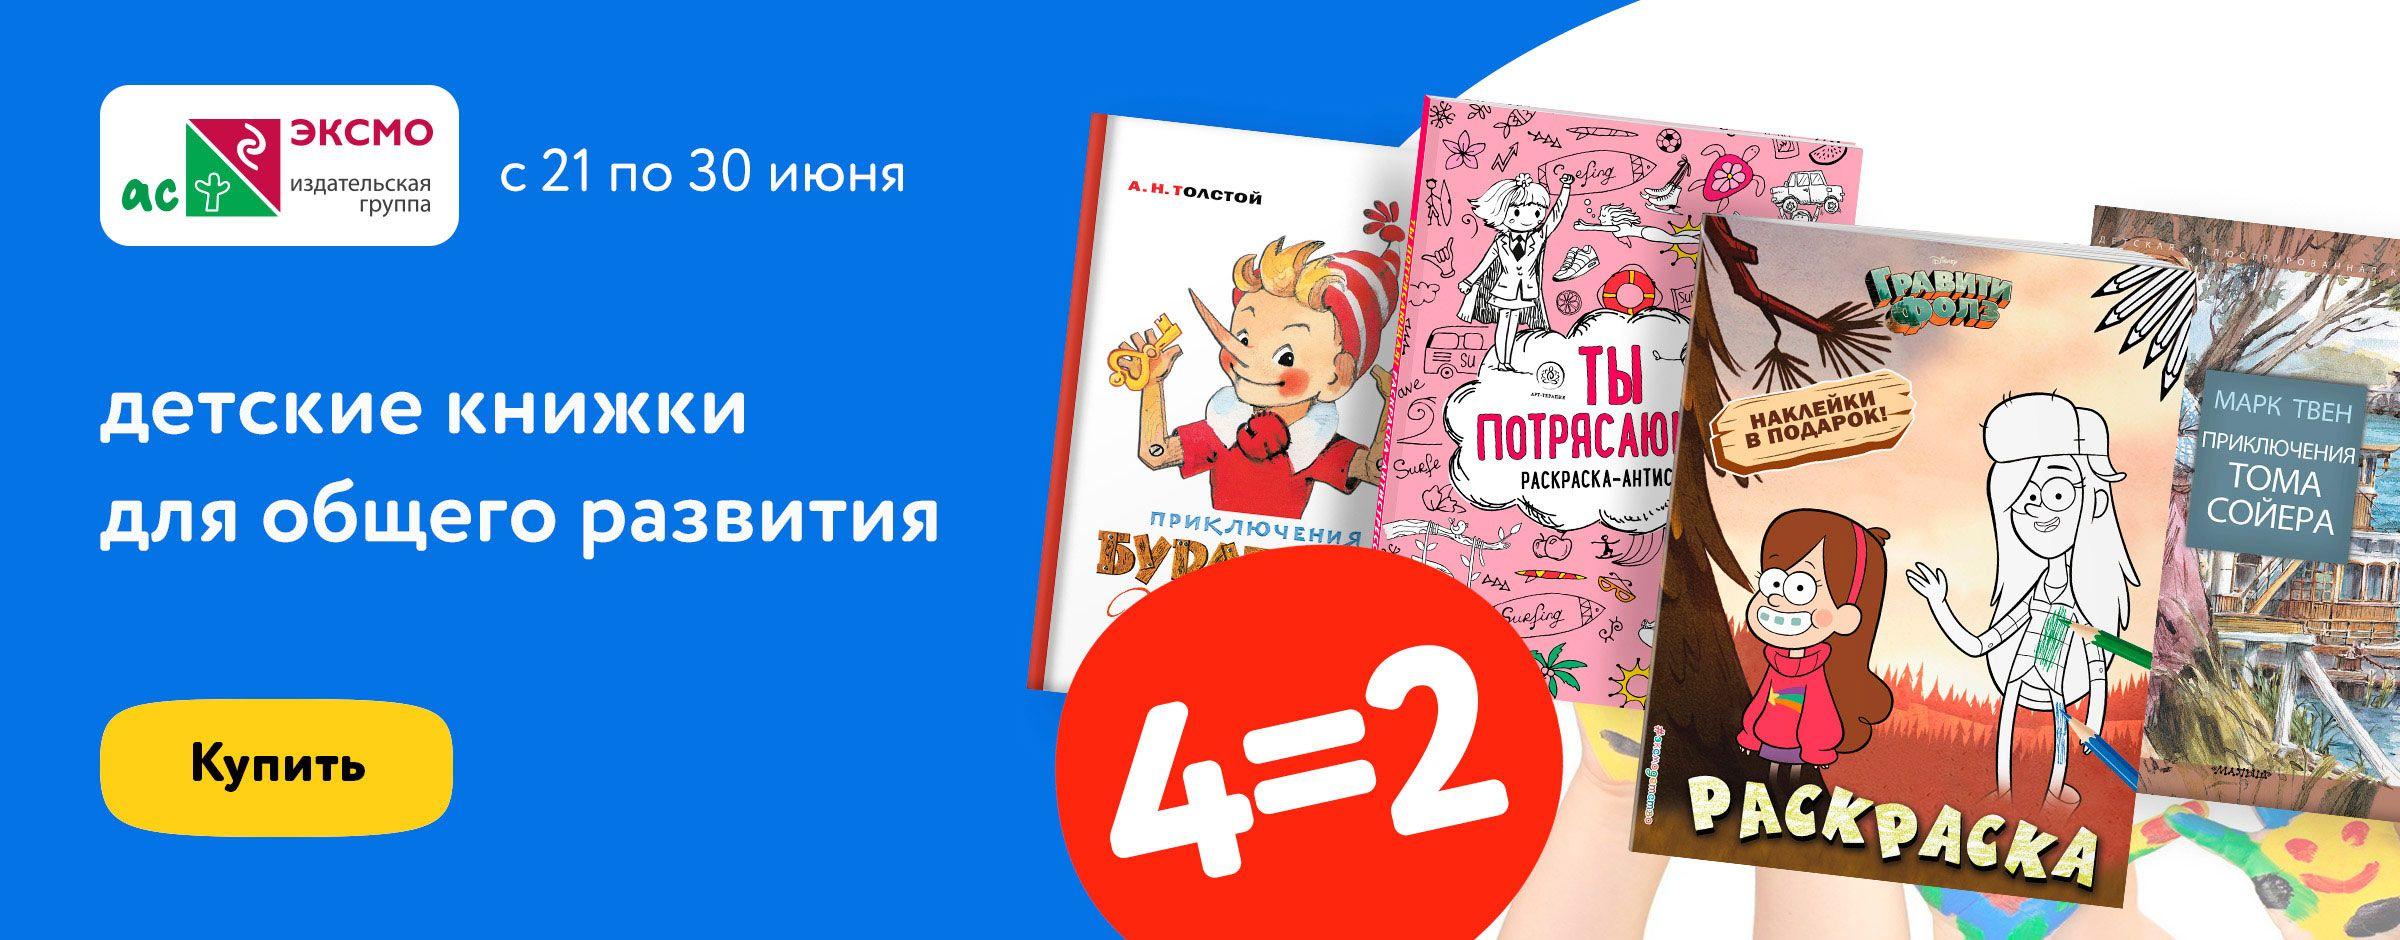 4=2 на книги Эксмо и АСТ карусель Книги